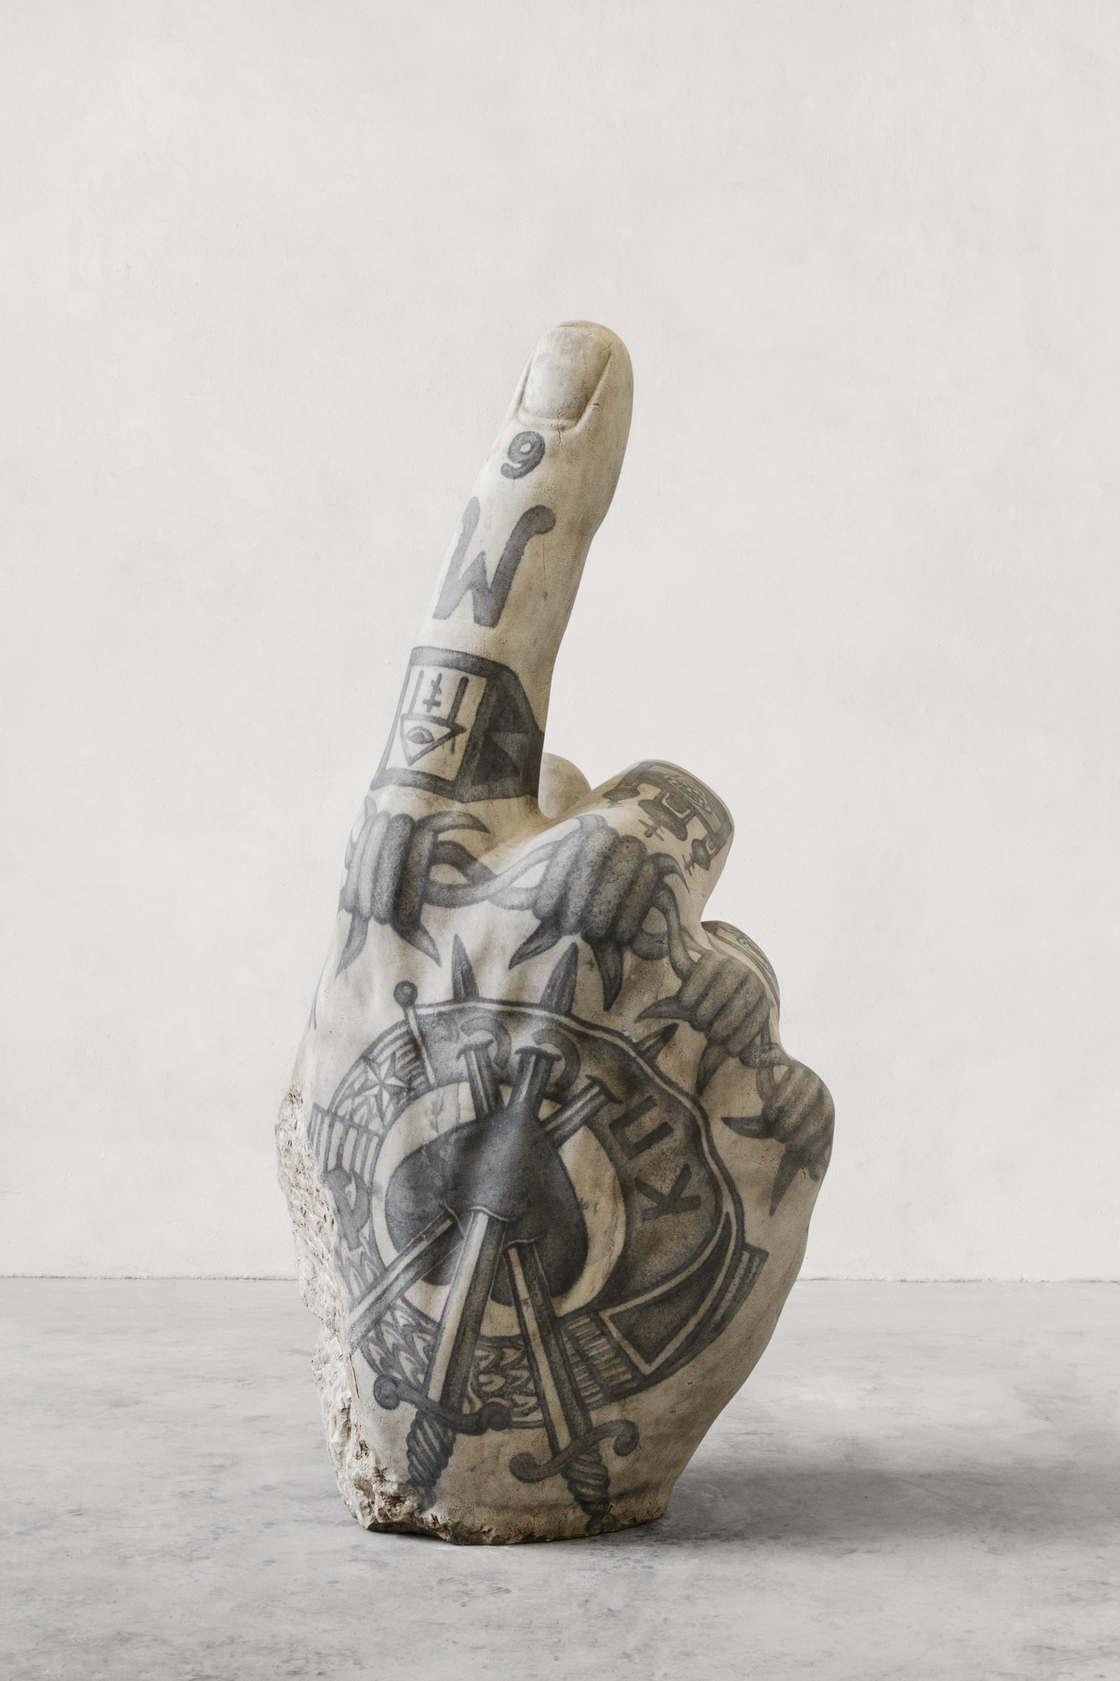 Rzeźba wytatułowanej dłoni